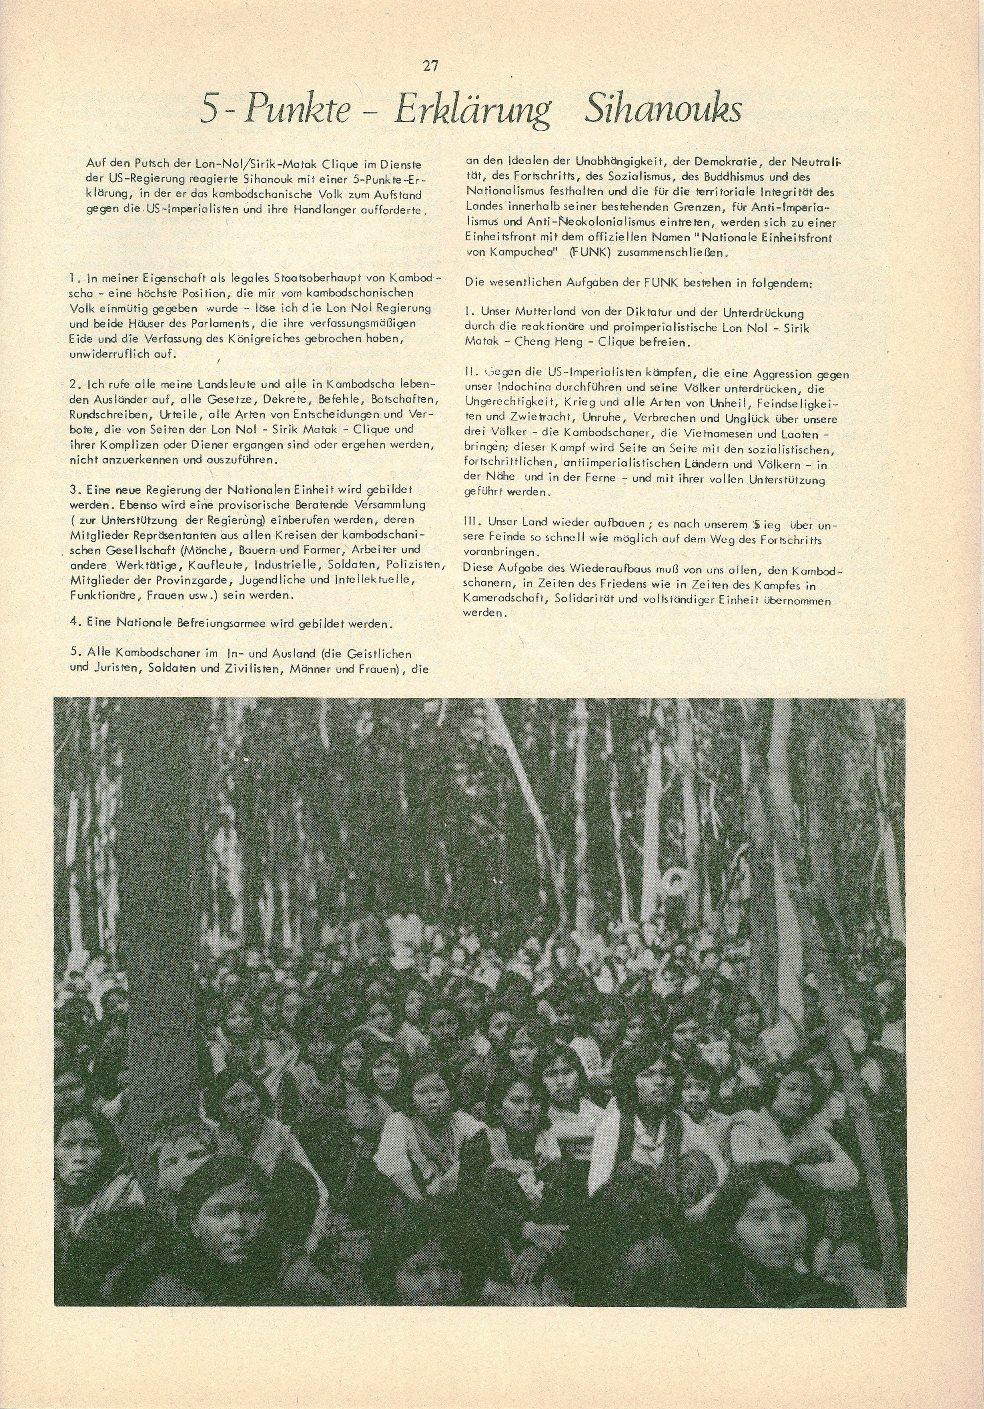 Kambodscha_1974_Das_Volk_besiegt_den_Imperialismus028